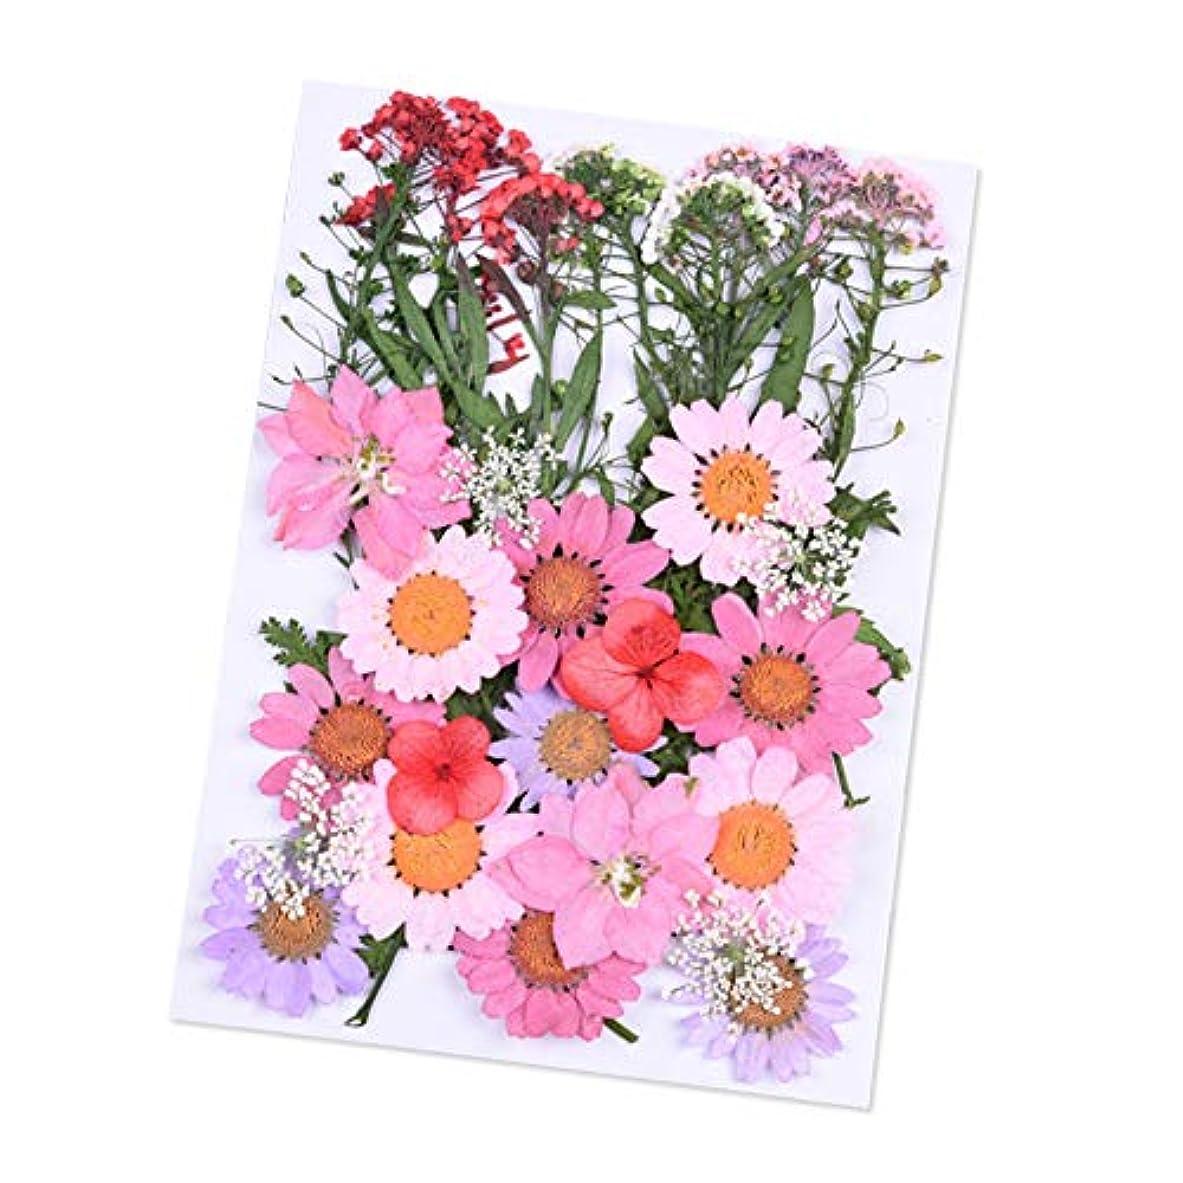 公爵カウンタ永久Dried Flowers,ZOZOE Natural Real Dried Flowers Flower Kit Flower Petals and Buds DIY Silicone Coaster Resin Molds...